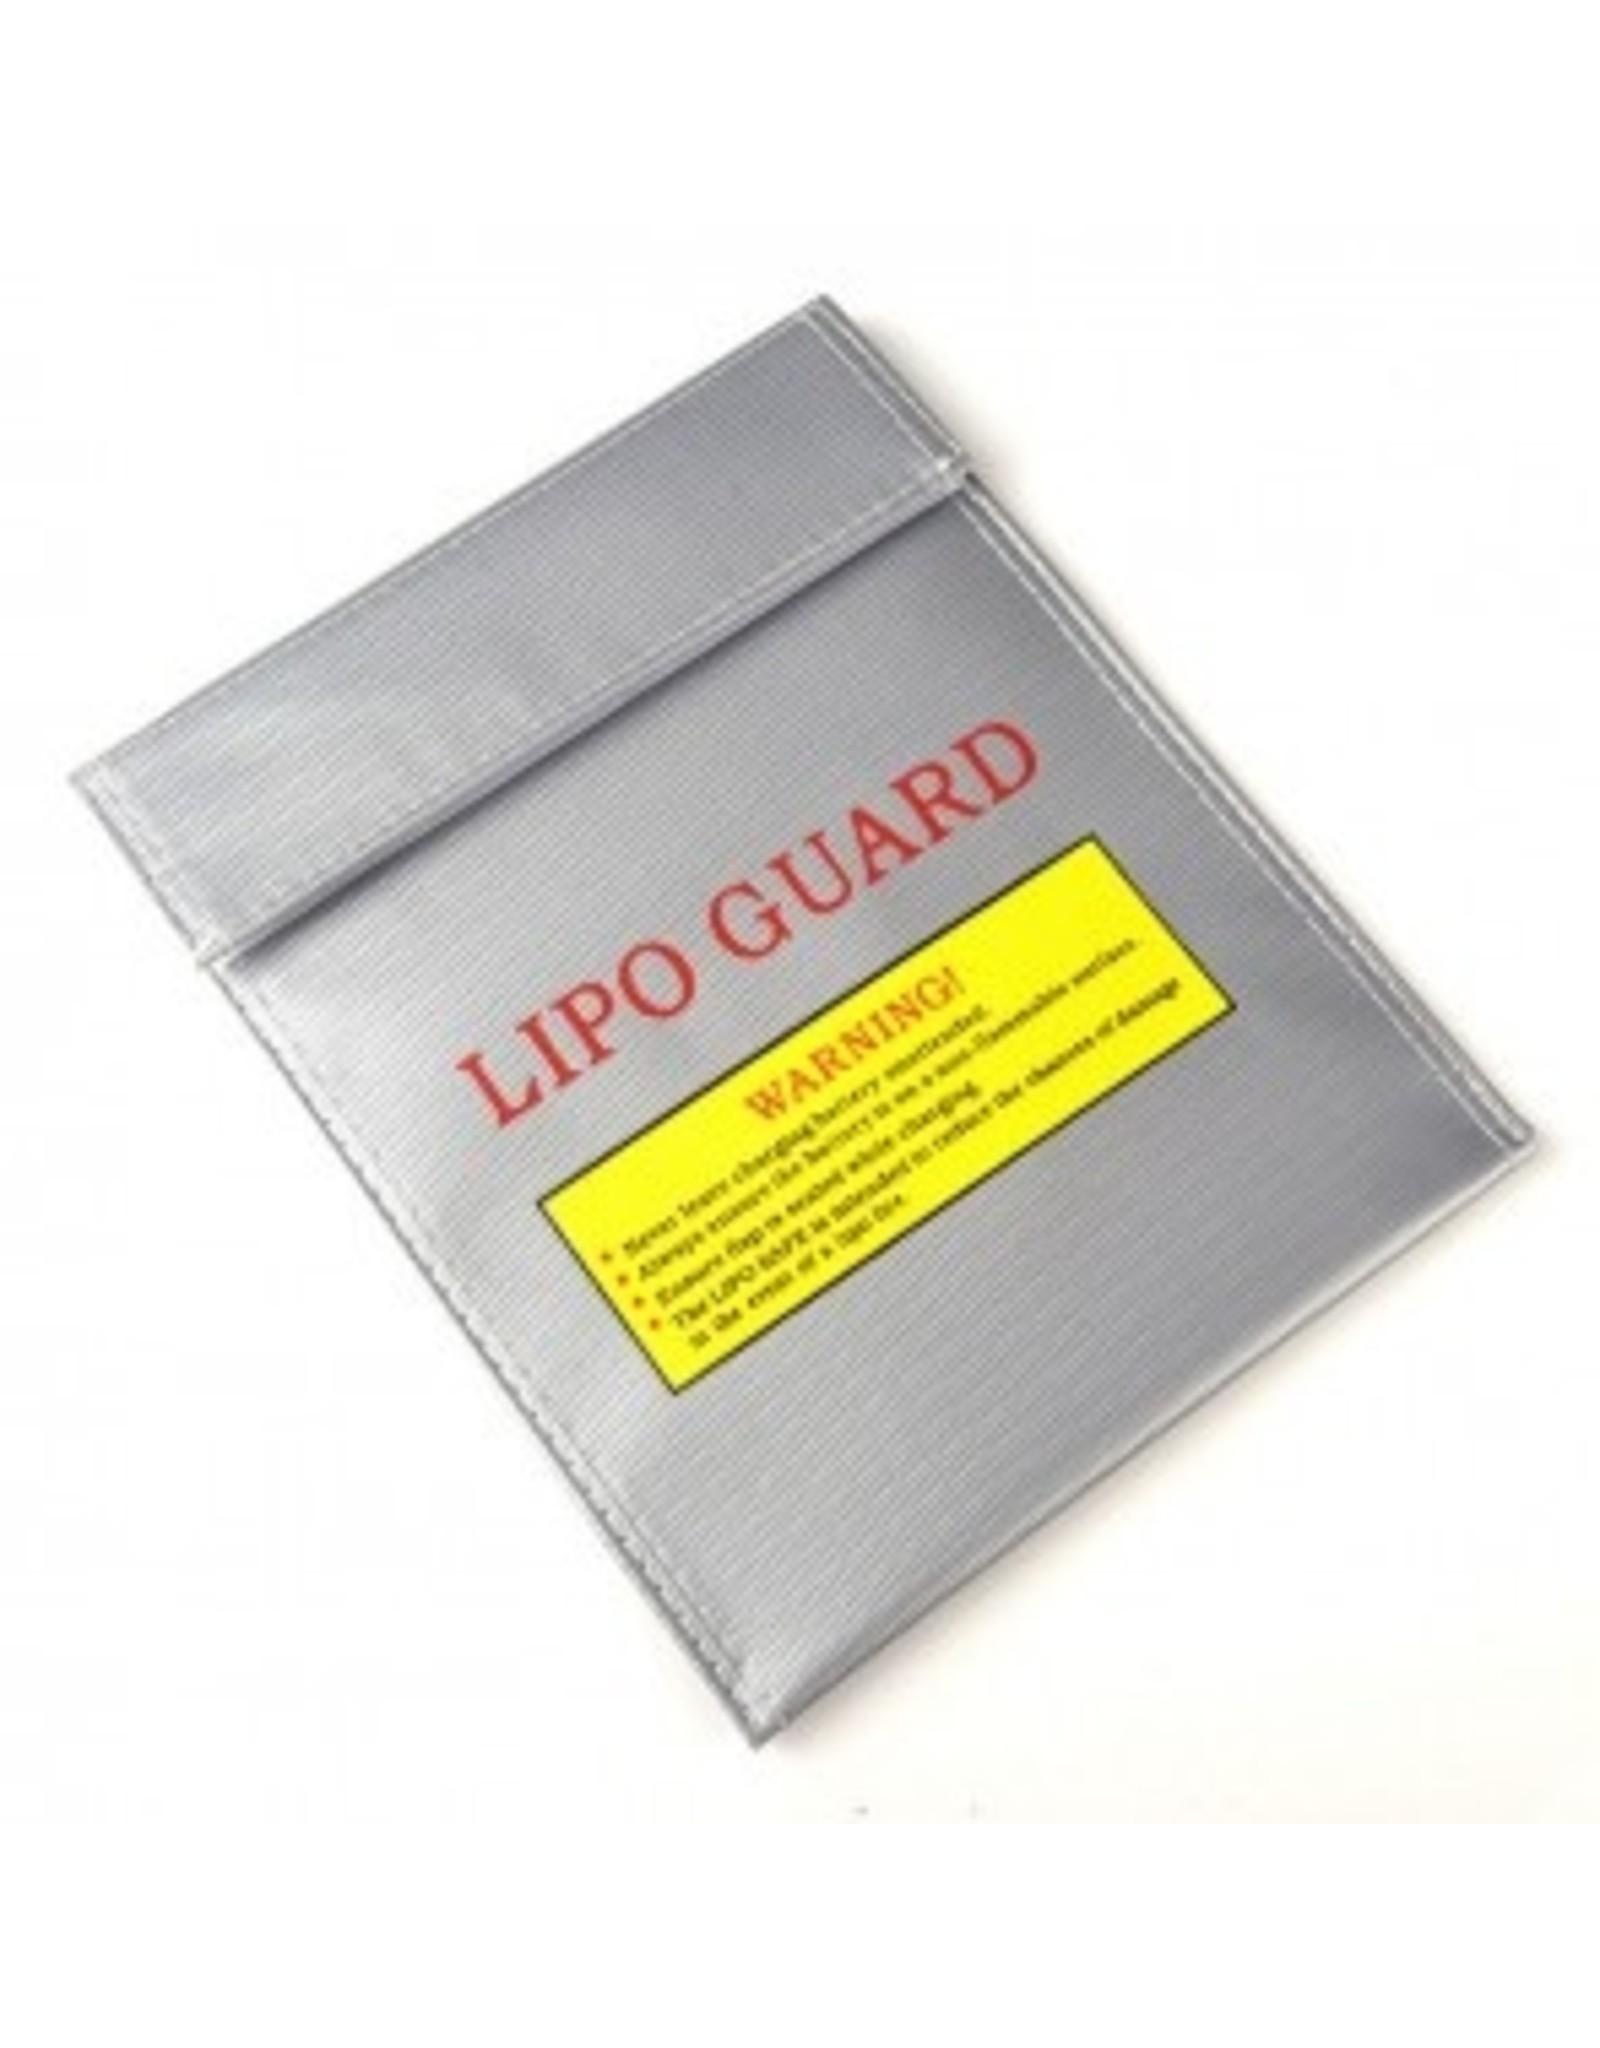 HobbyStar LIPO SAFE CHARGING BAG, SMALL (340-30-050)